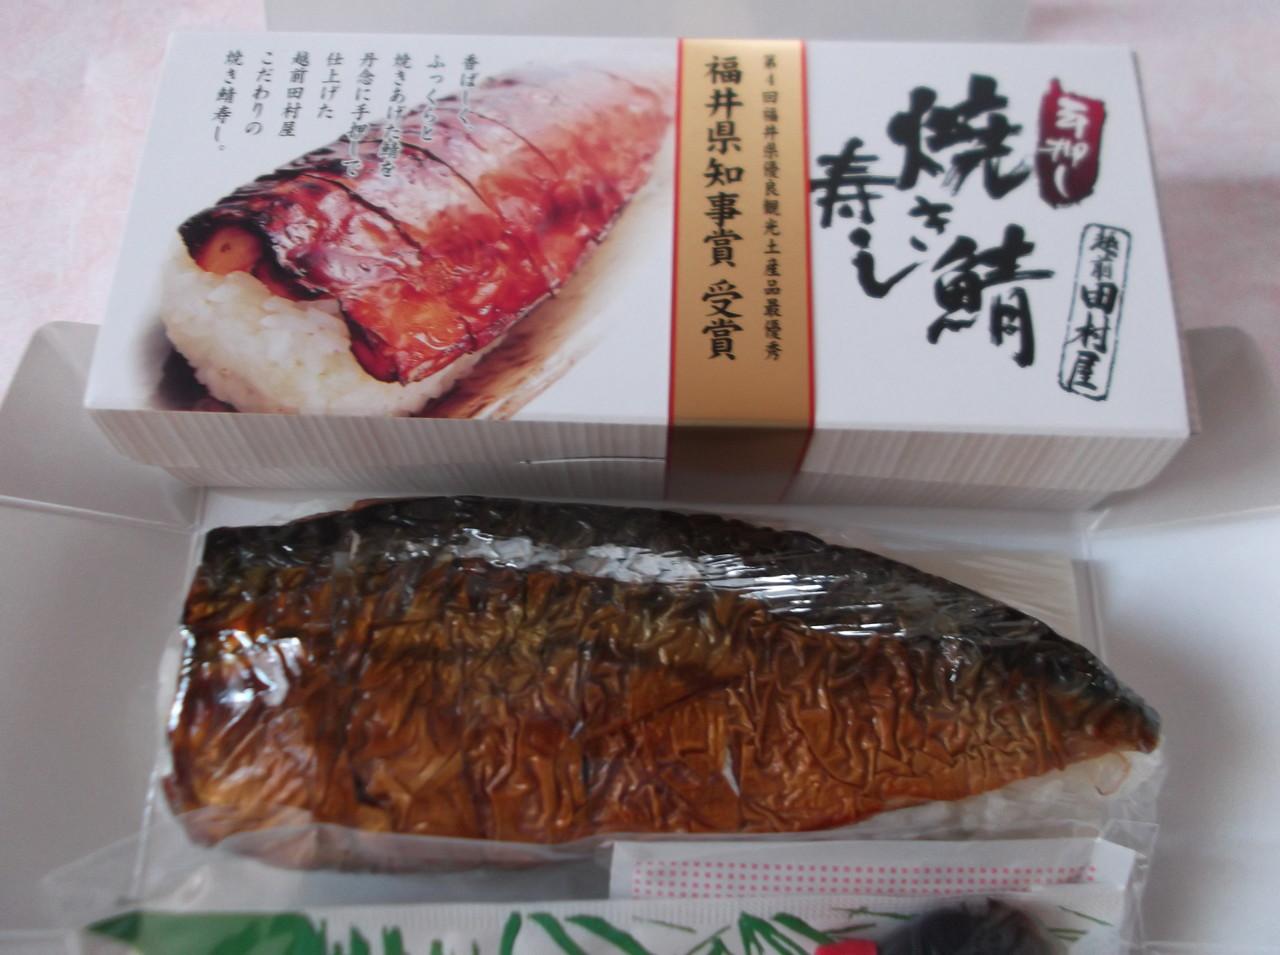 越前 田村屋 プリズム福井店